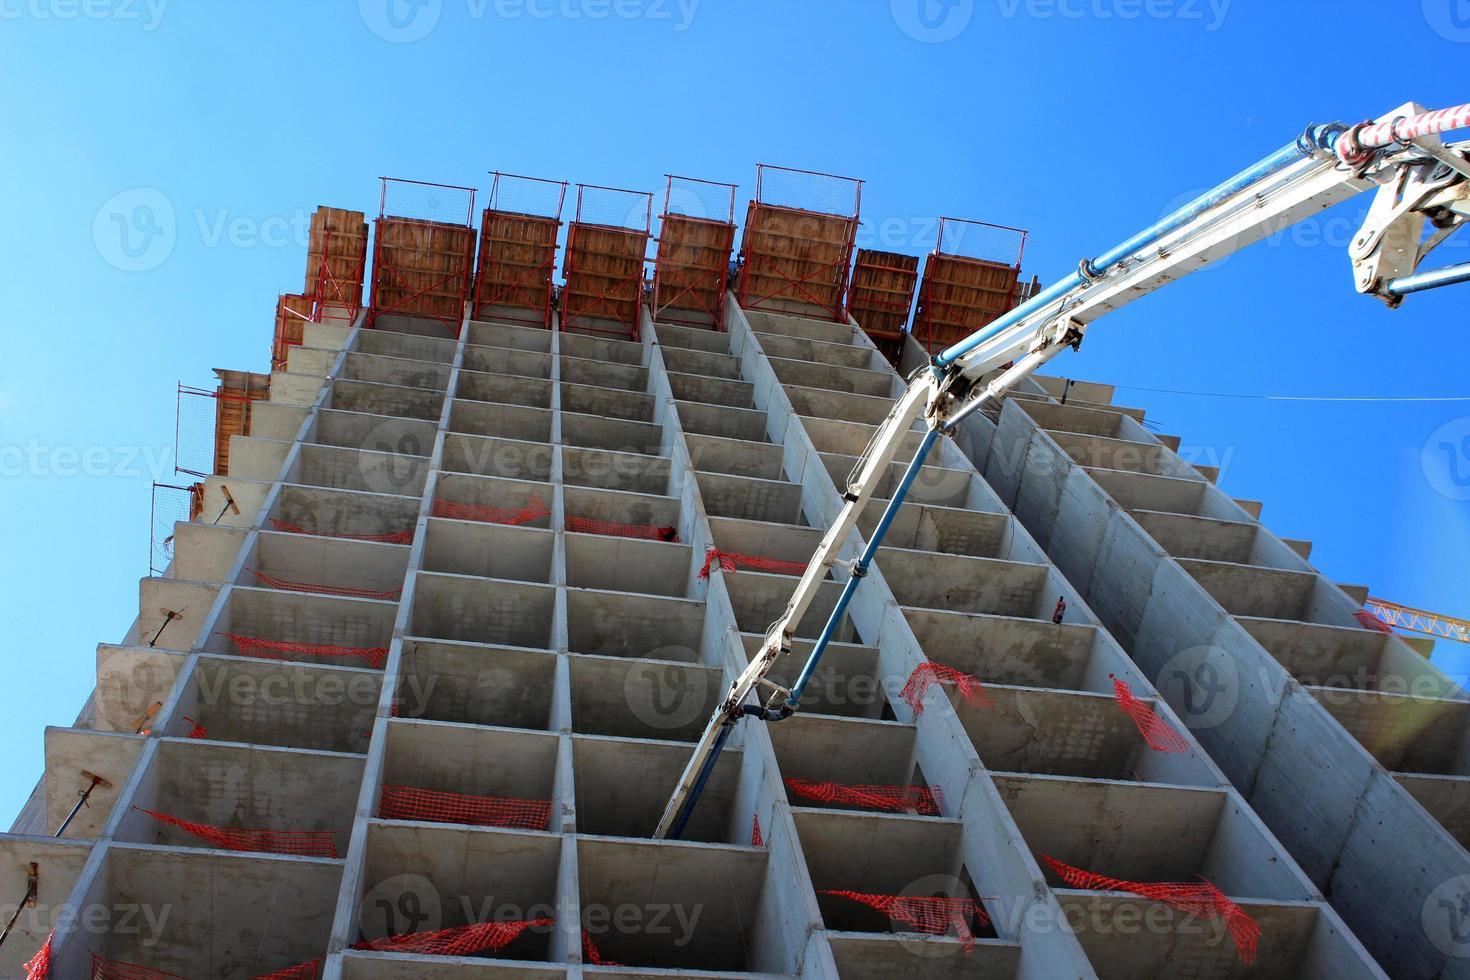 sitio de construcción de hormigón de gran altura foto